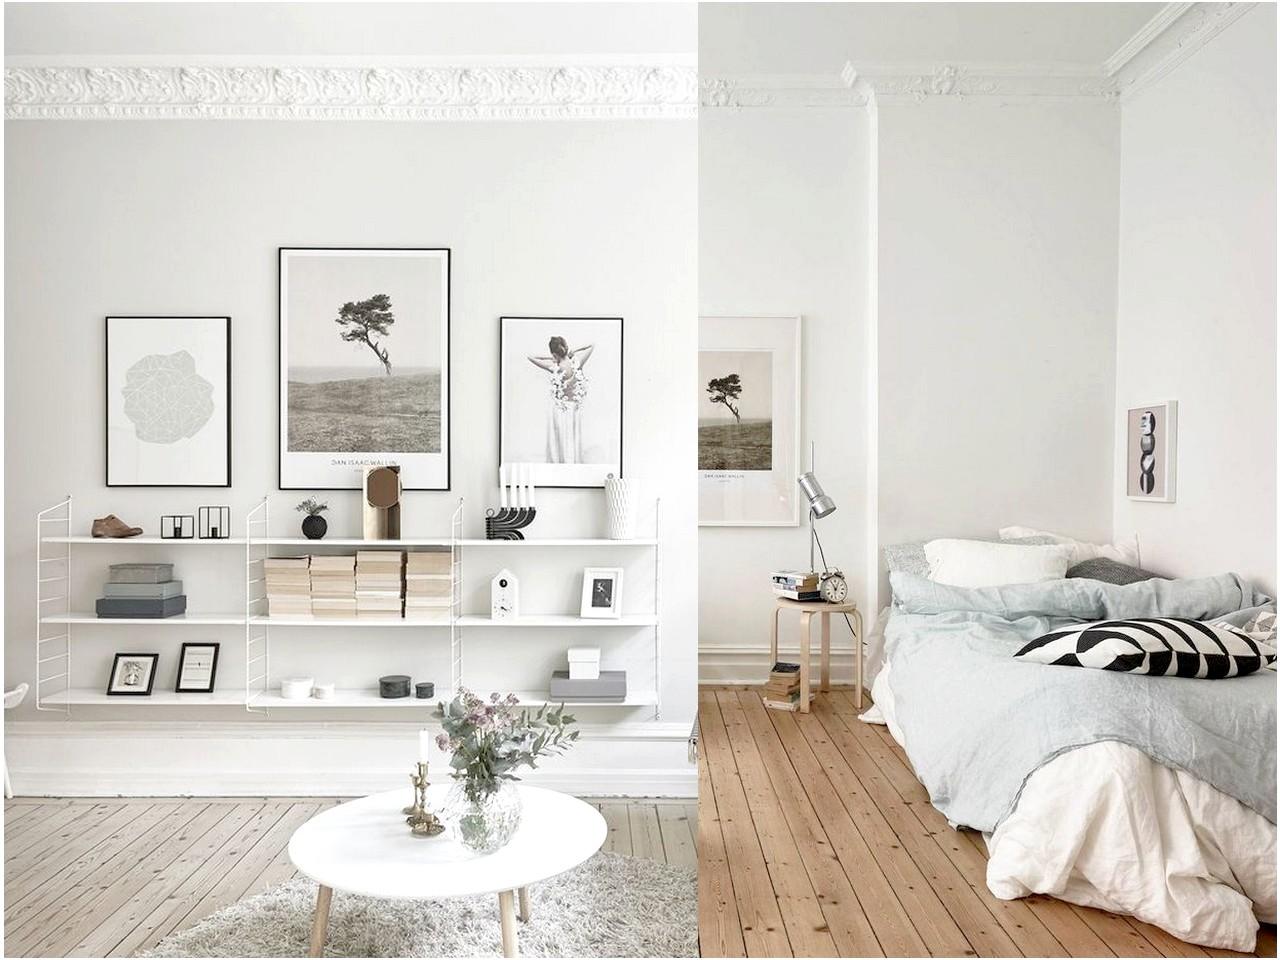 La decoraci n con molduras en casa vuelve a ser tendencia - Molduras techo ...